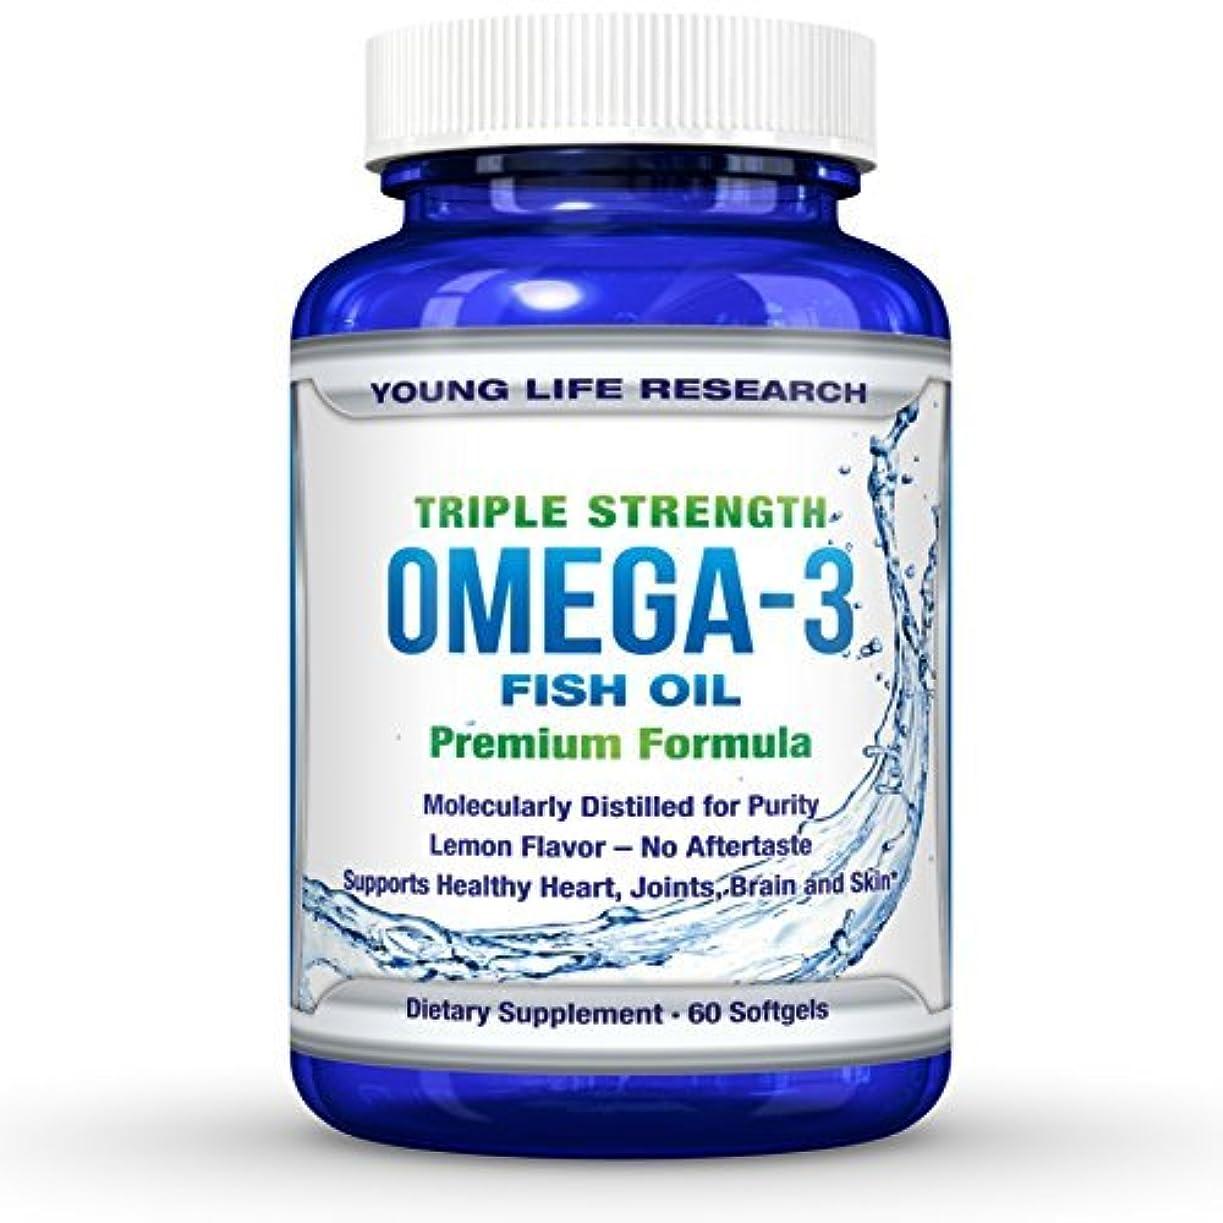 聖域明らかにするチャンスFISH OIL OMEGA 3 - Triple Strength Ultra-Purified Professional Grade - By Young Life Research by Young Life Research...